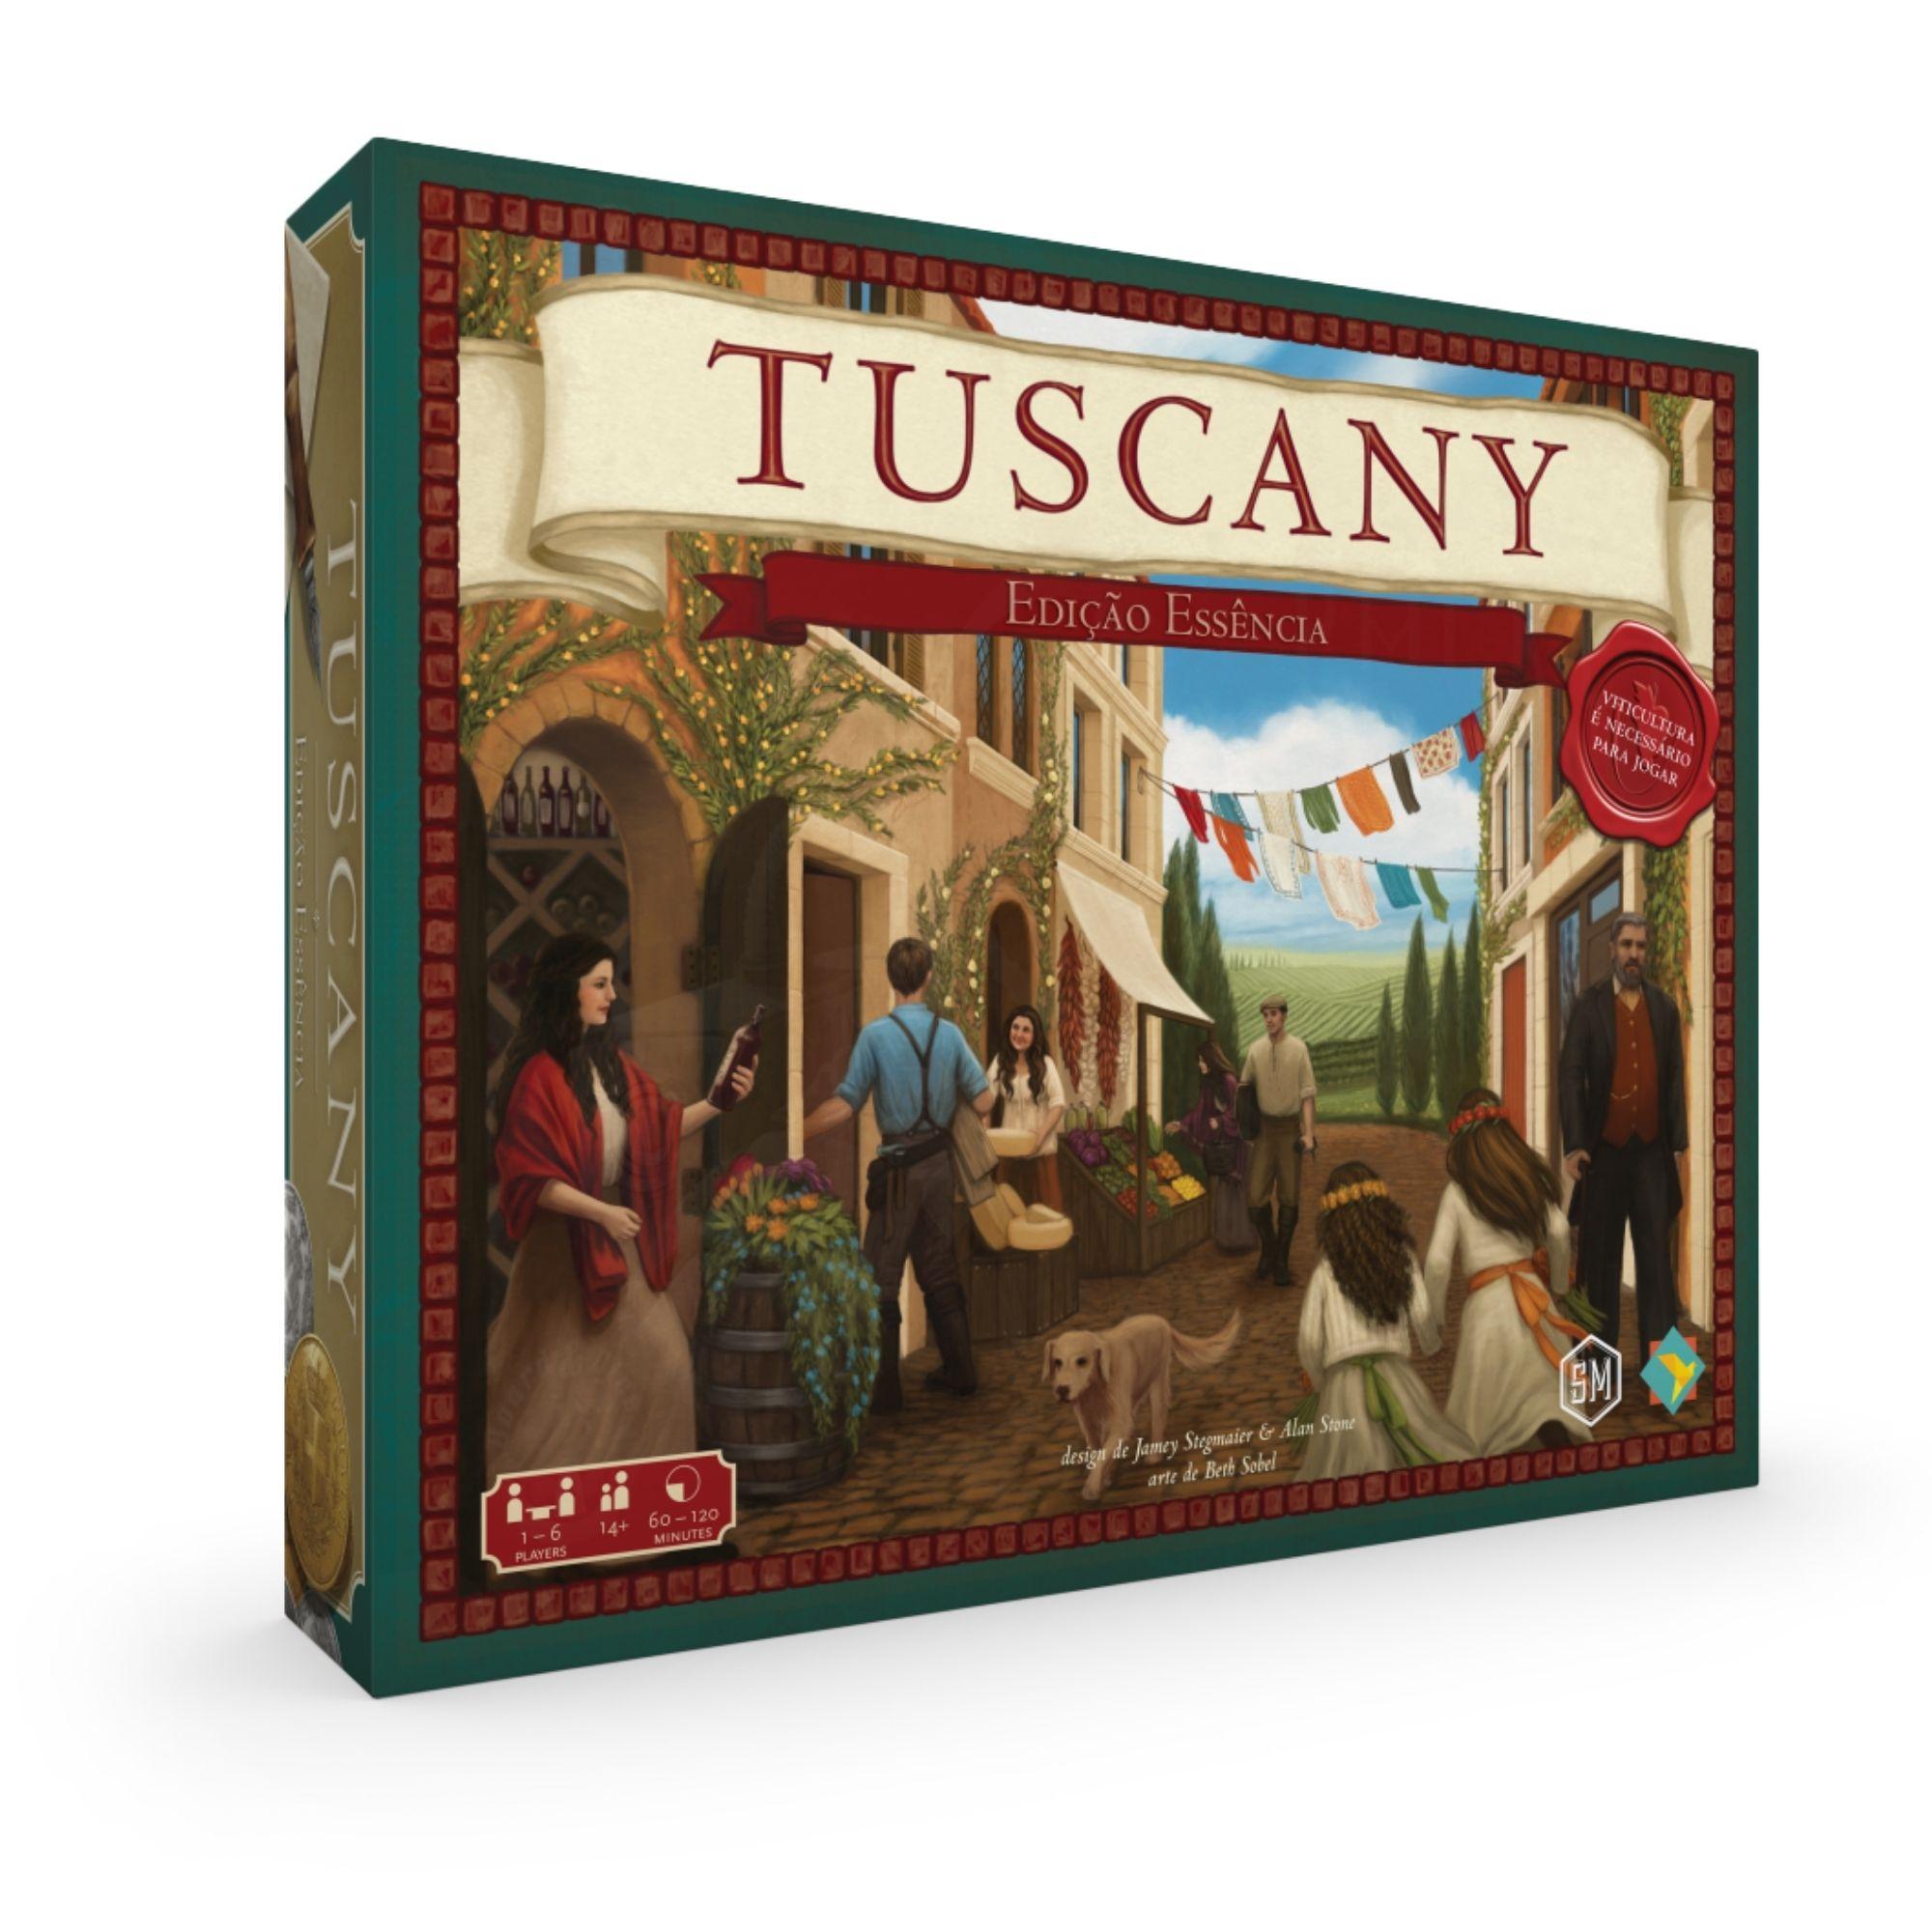 Viticulture: Tuscany Edição Essencial - Expansão